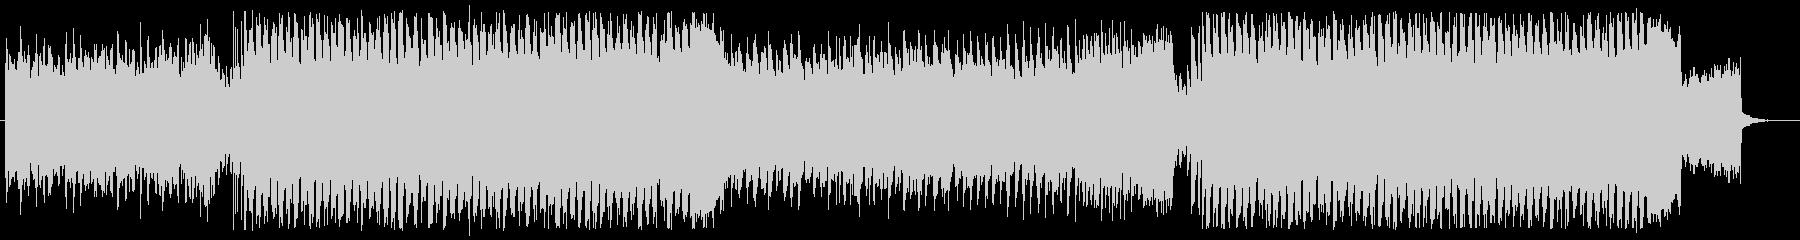 ジングルベル EDM クリスマス 雪 の未再生の波形